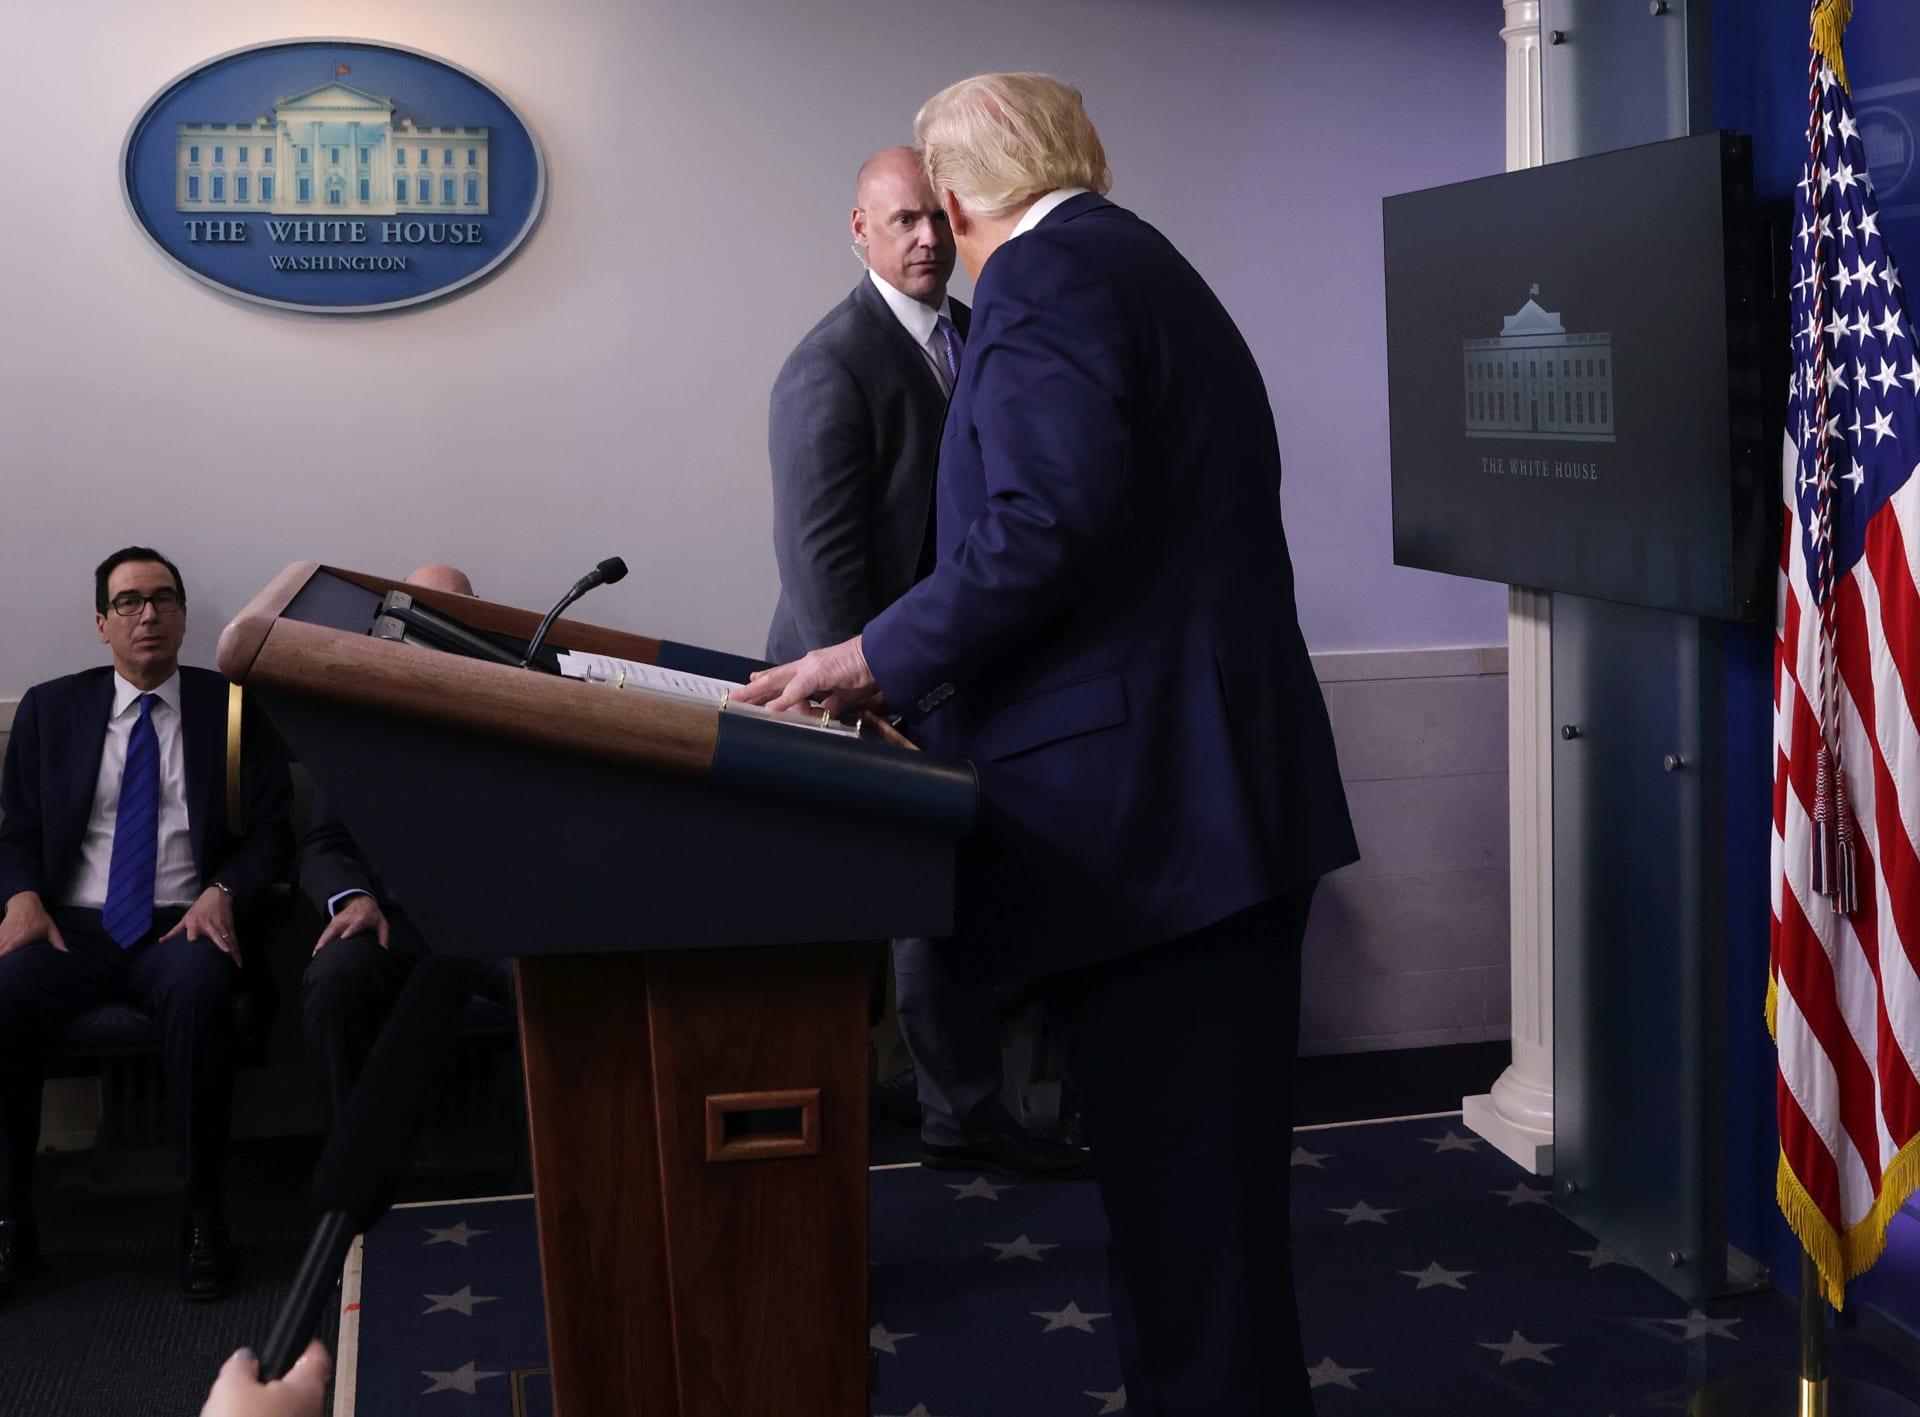 إطلاق نار بمحيط البيت الأبيض.. وترامب يغادر مؤتمرًا صحفيًا بشكل مفاجىء